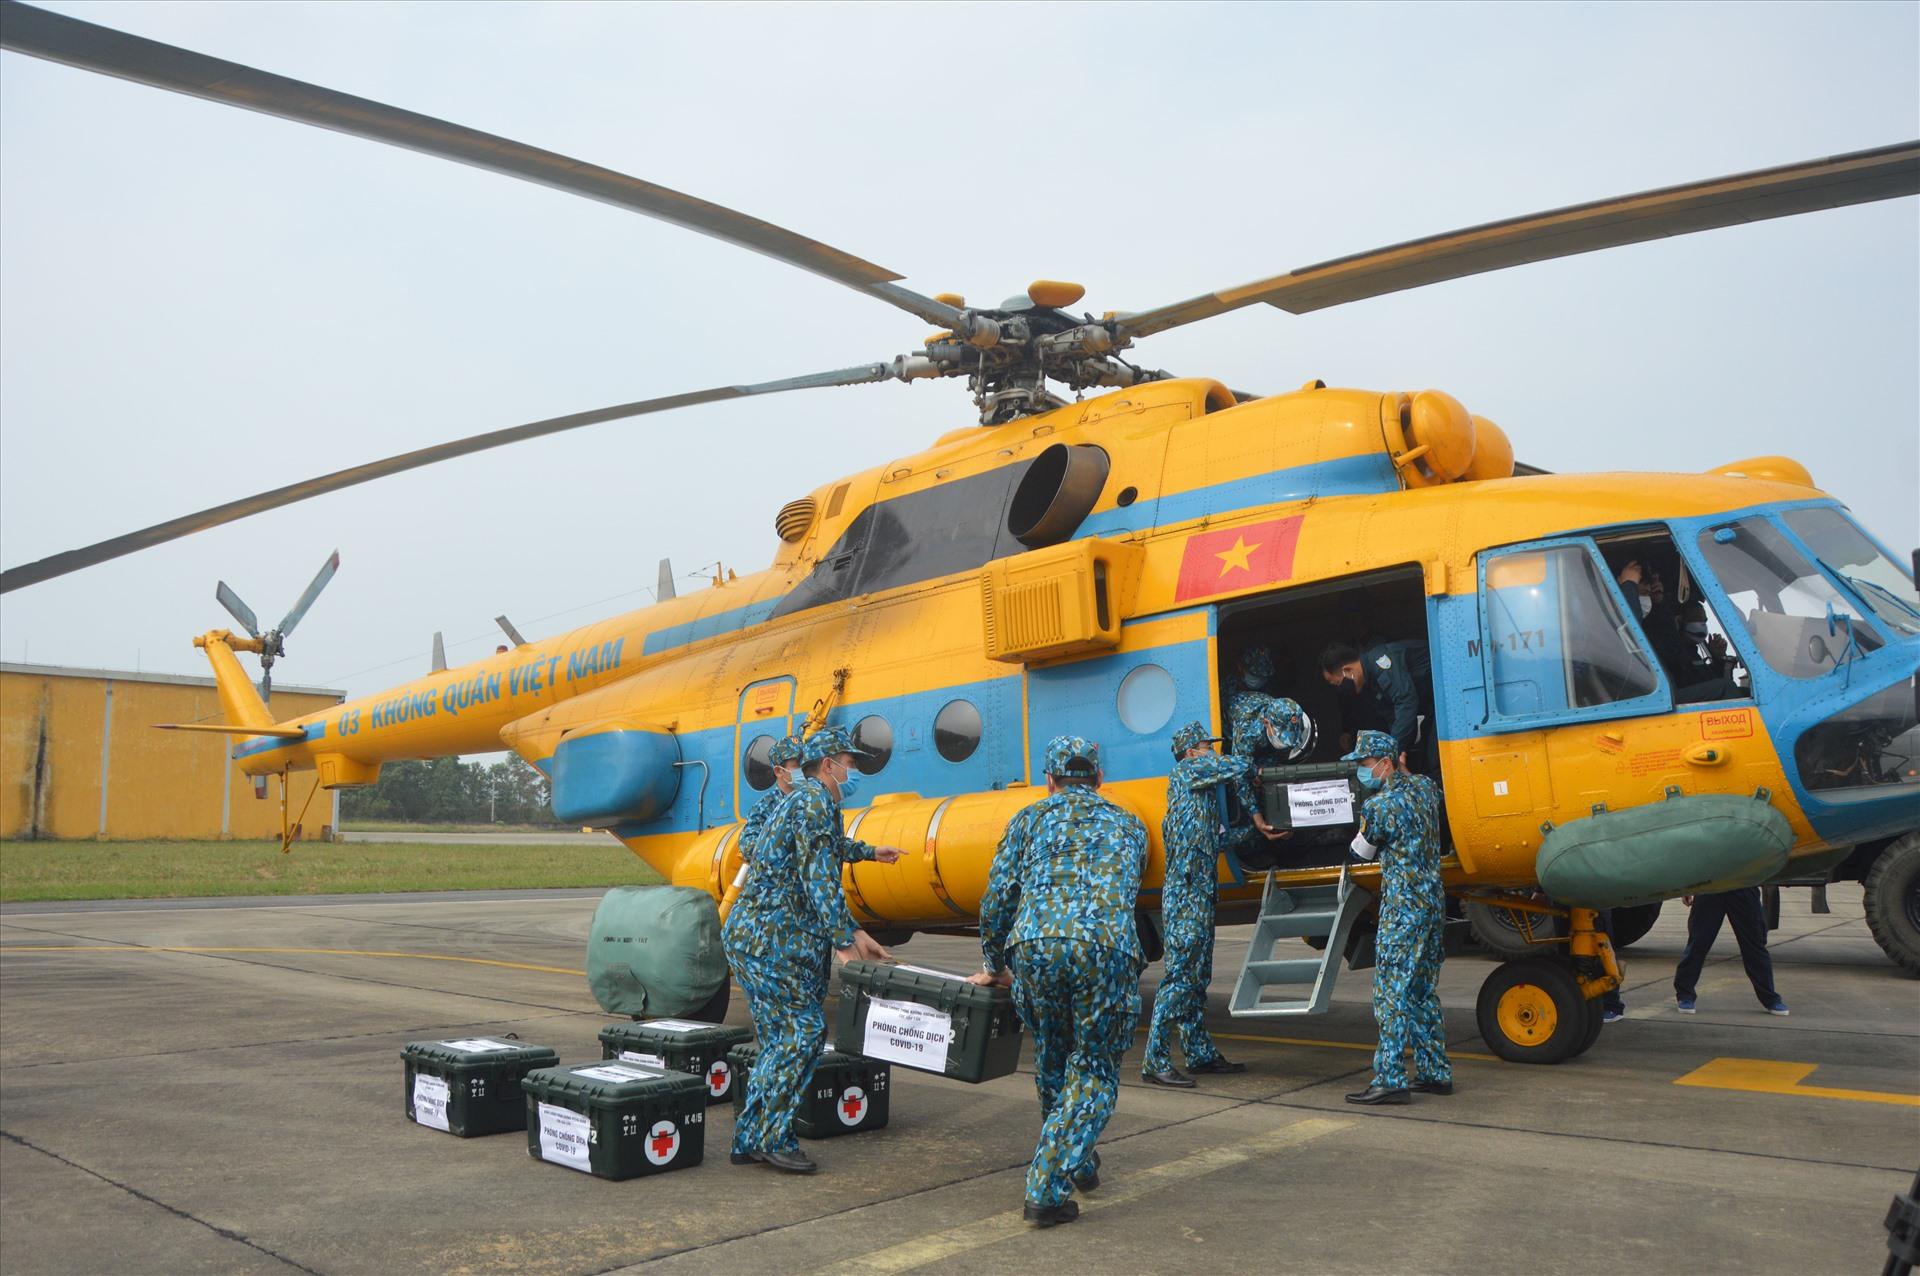 THỜI SỰ 12H TRƯA 4/3/2020: Bộ Quốc phòng tổ chức Diễn tập trực tuyến cho toàn quân phòng chống dịch Covid-19.